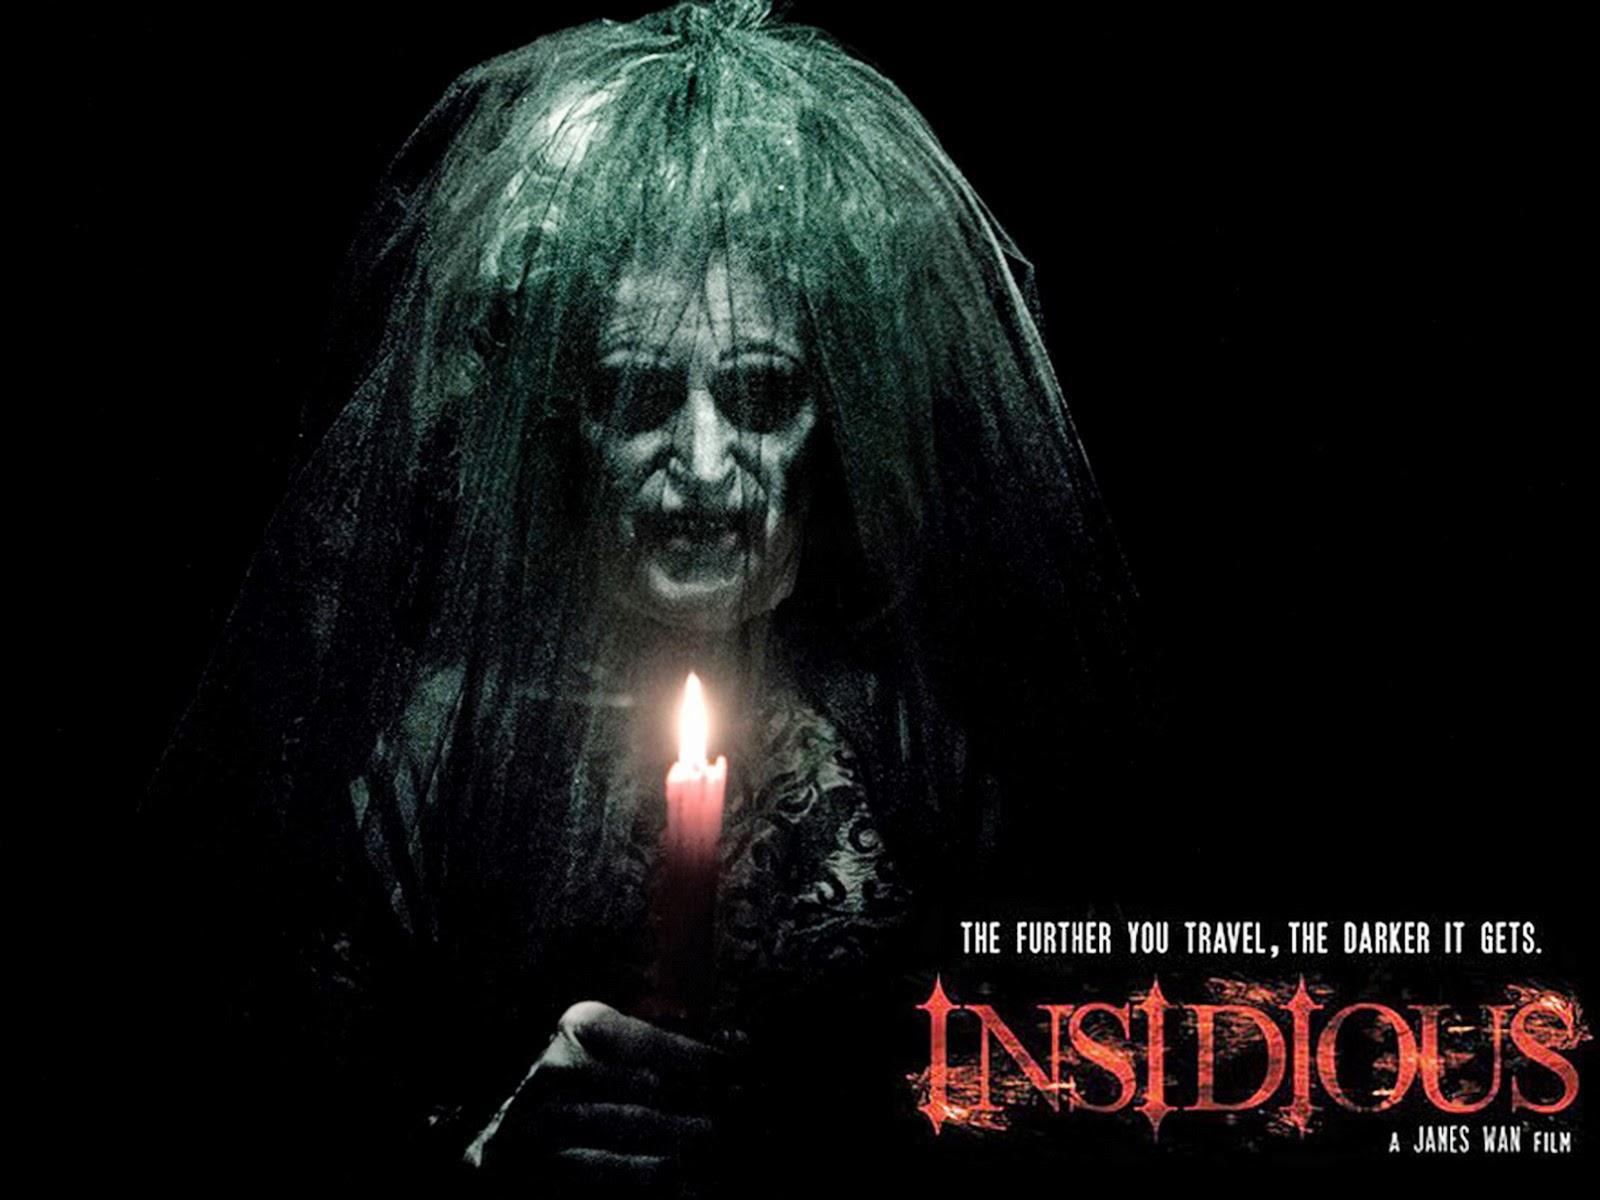 Insidious 3 is a go!